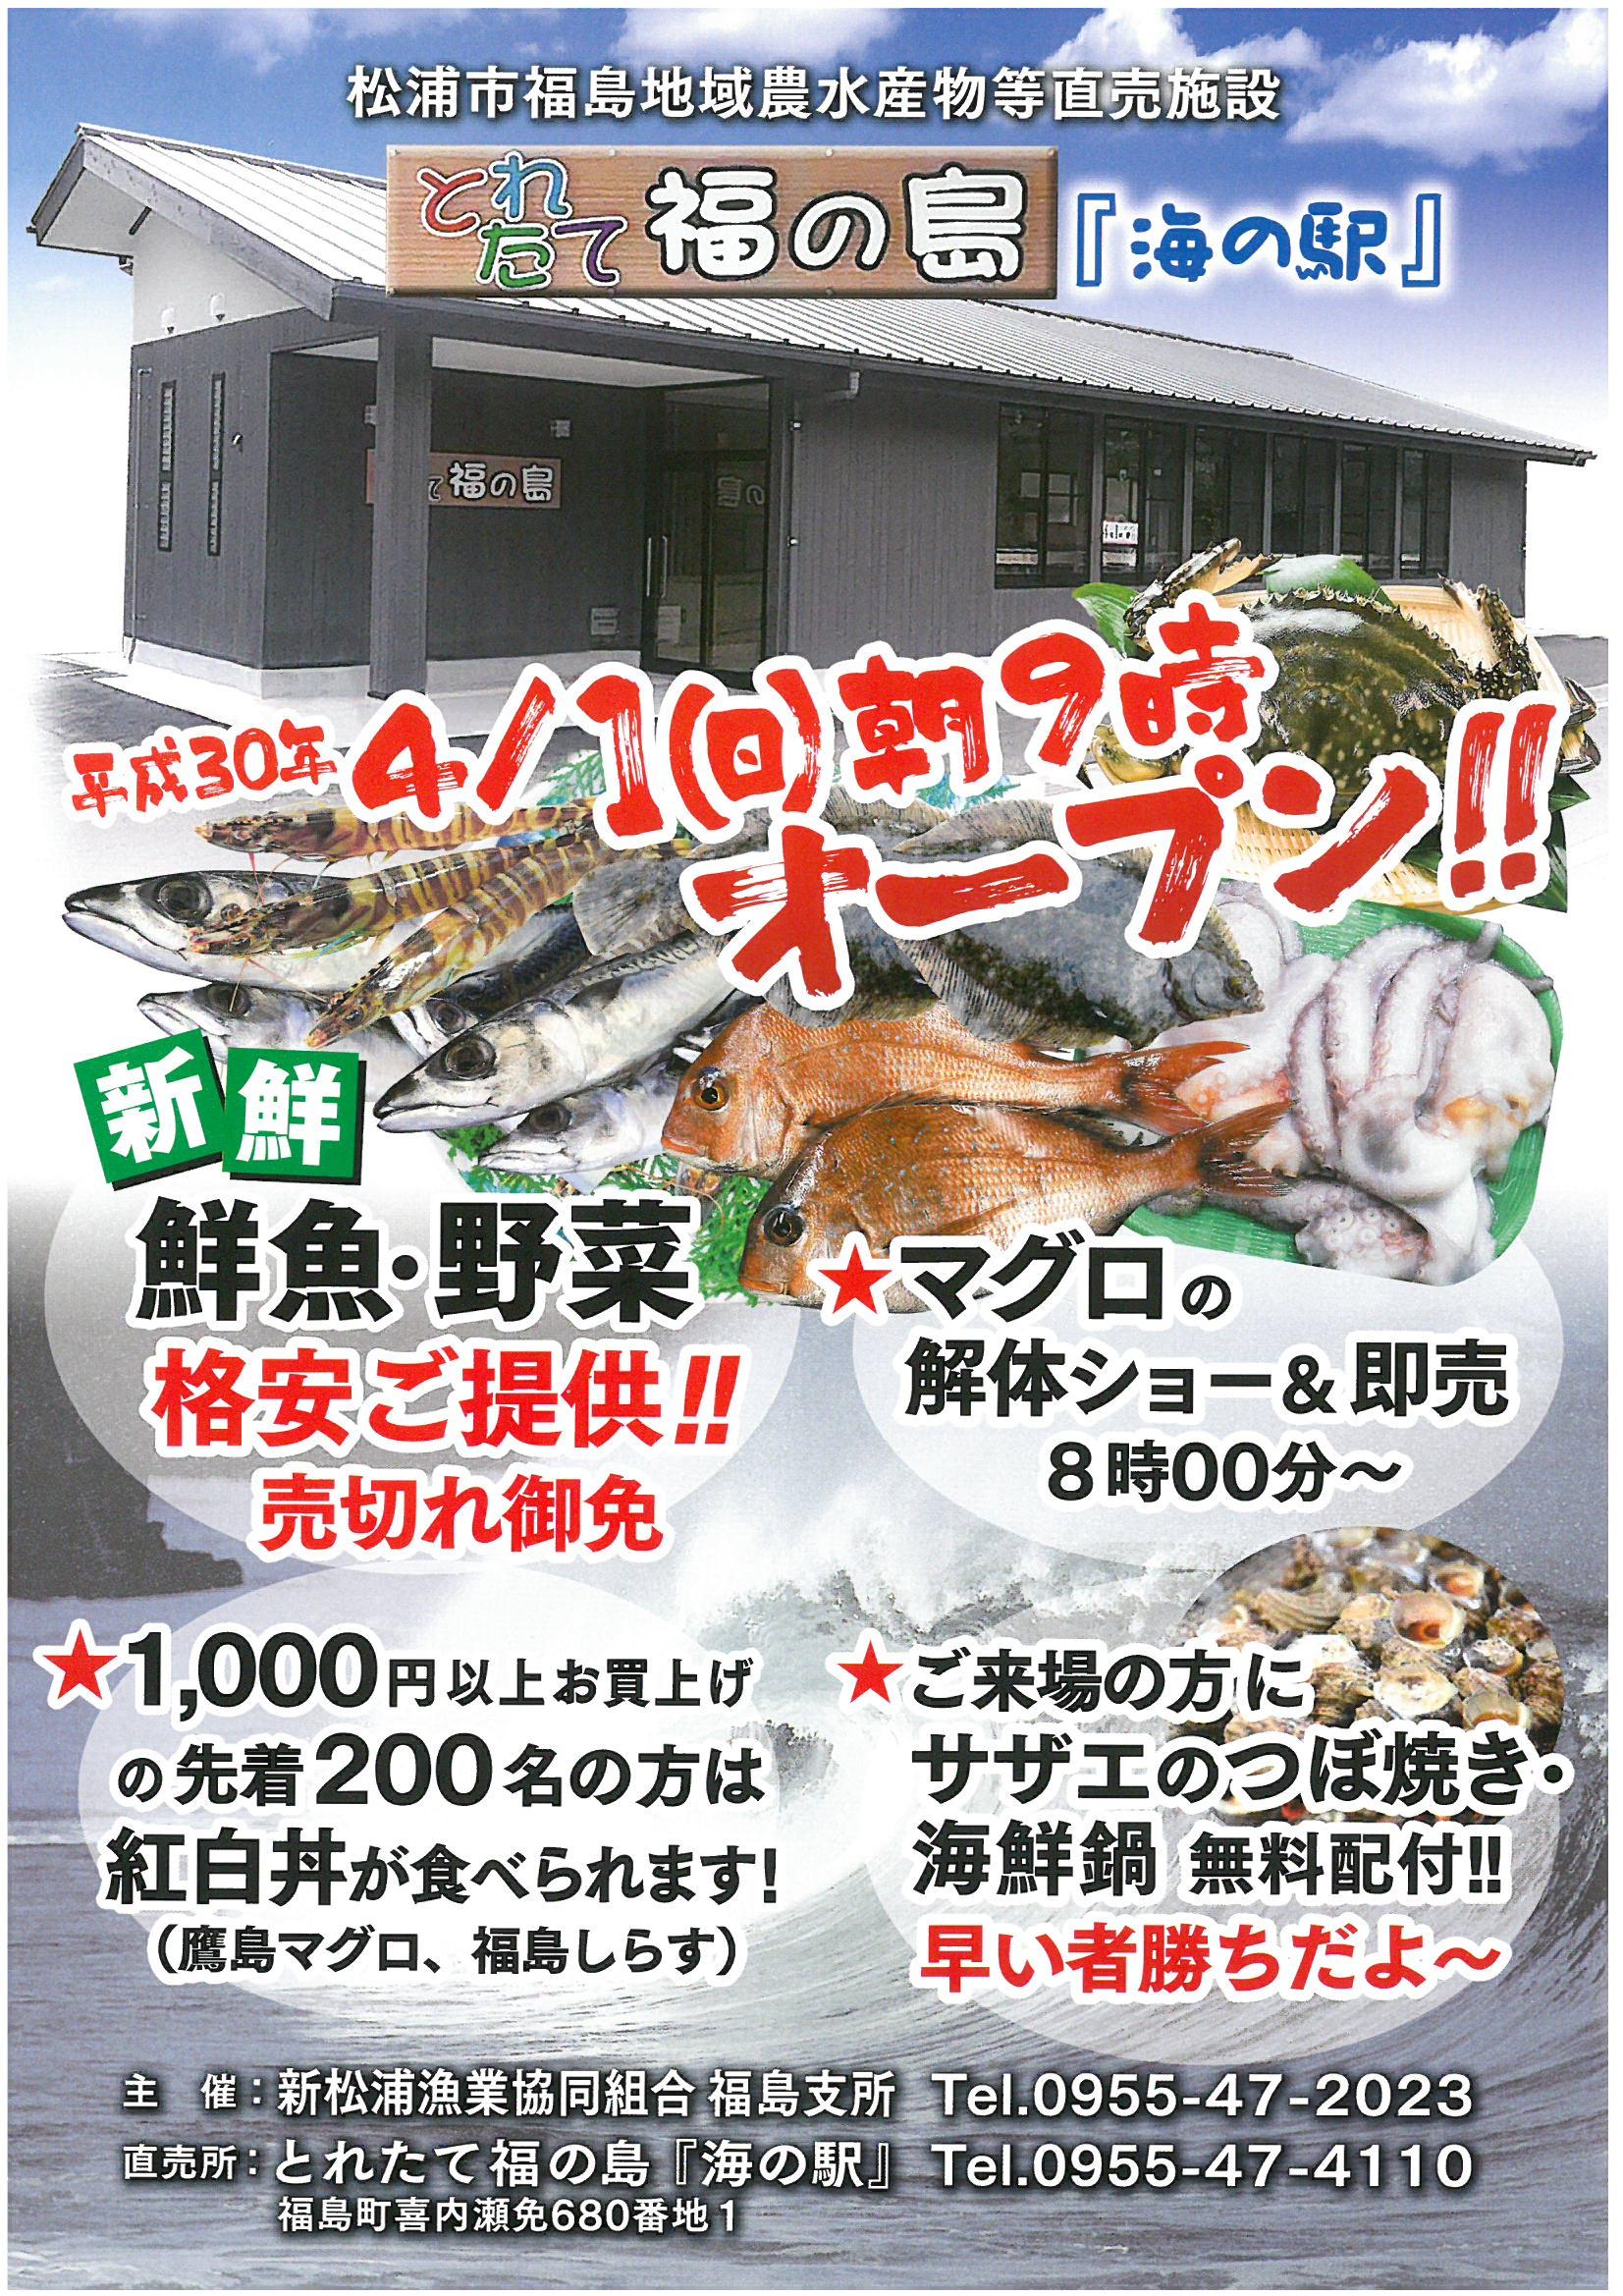 「とれたて福の島」(海の駅)平成30年4月1日朝9時オープン!